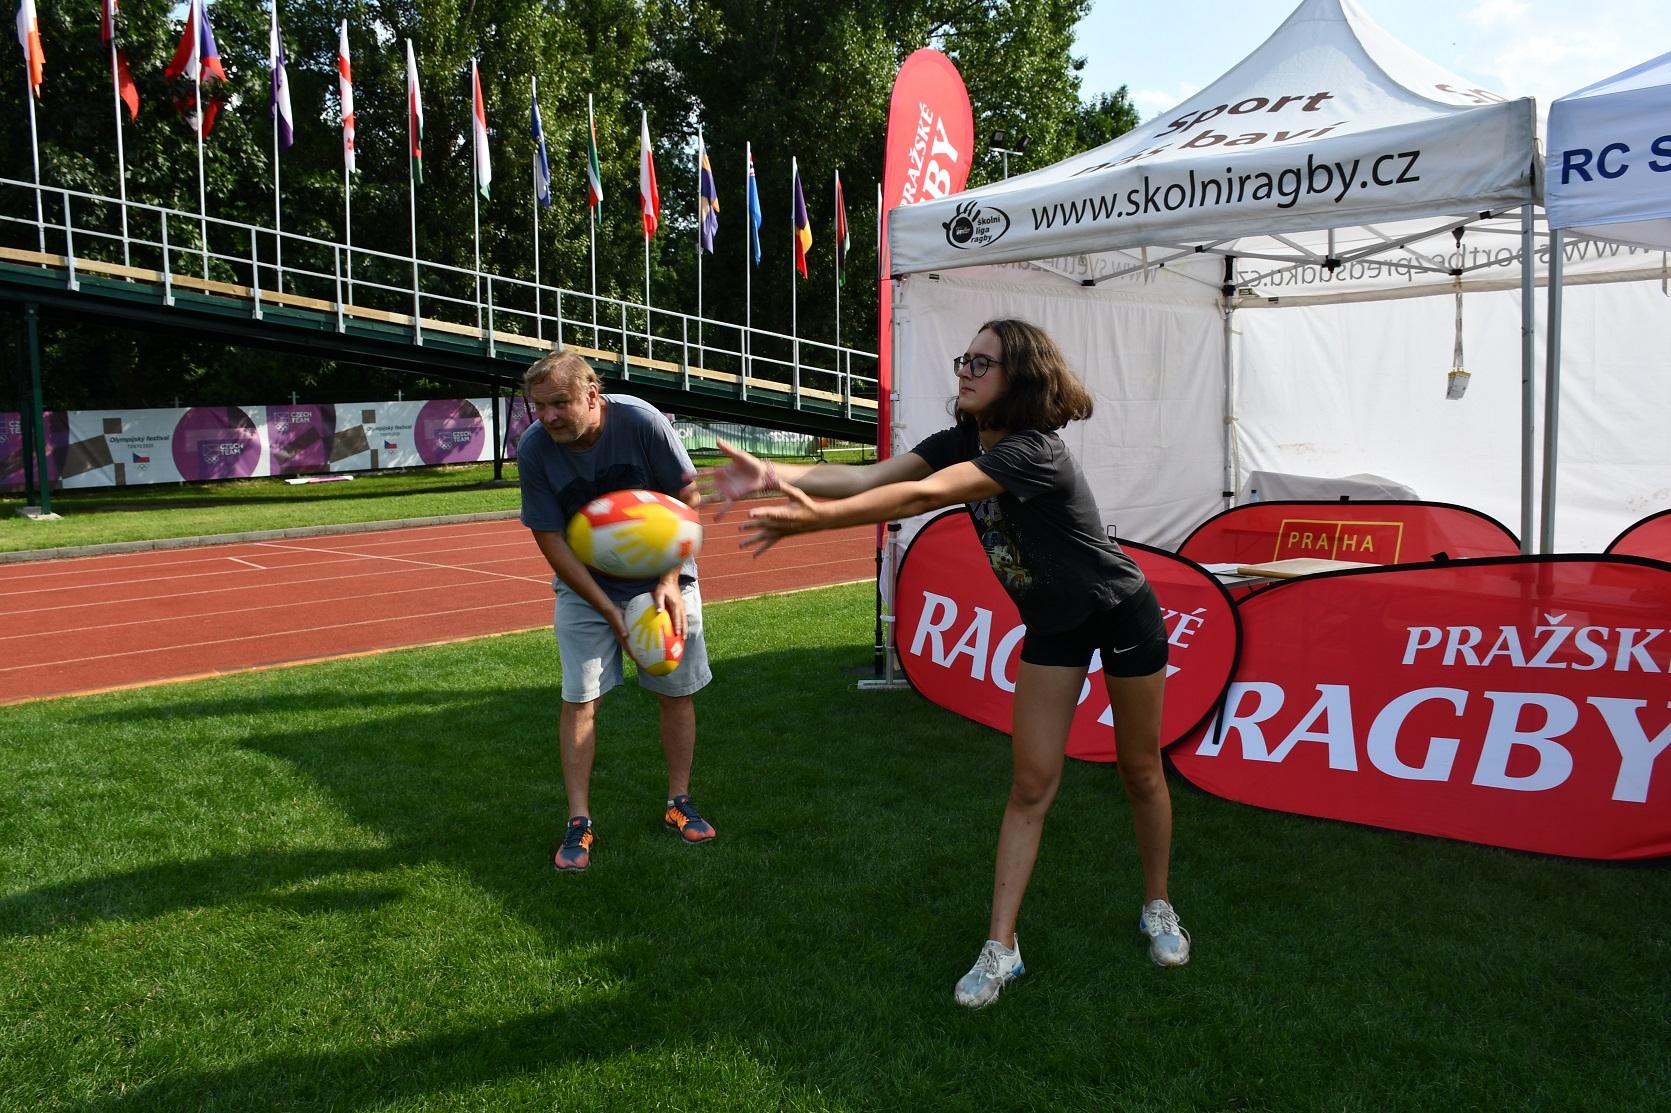 Kam v neděli 25.července 2021 za sportem? Na Olympijský festival